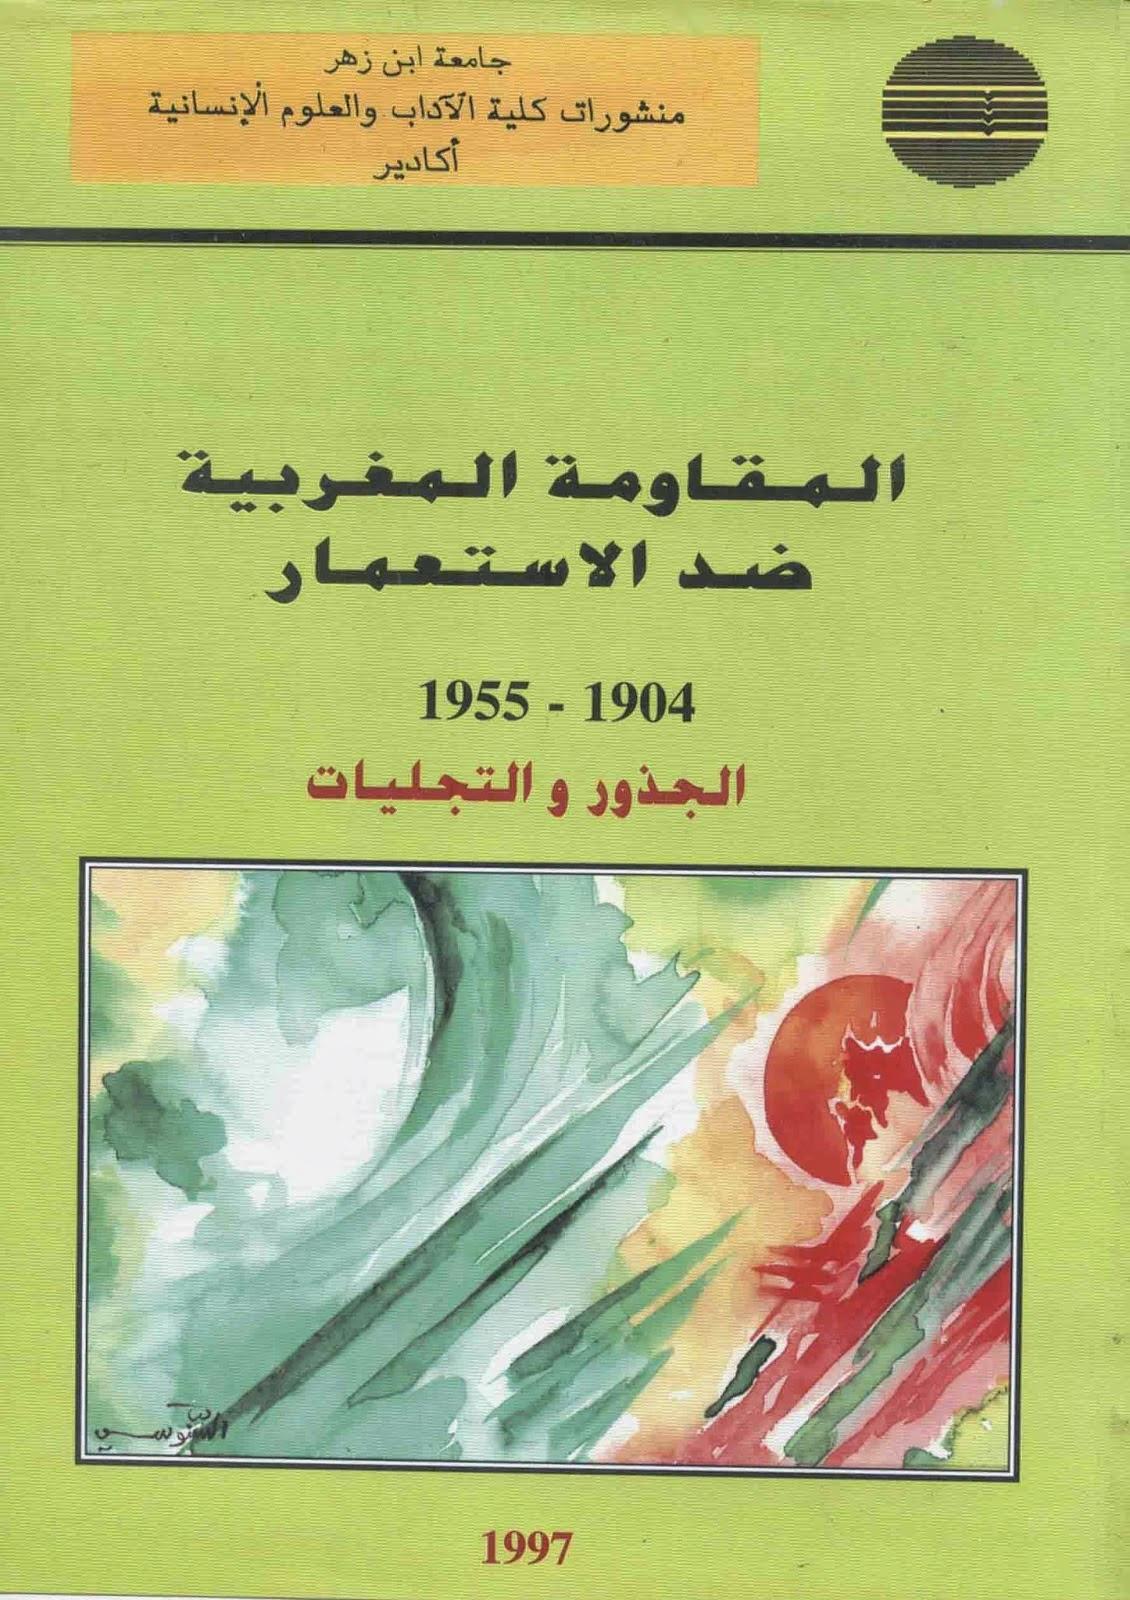 المقاومة المغربية ضد الإستعمار الجذور والتجليات لـ مجموعة باحثين